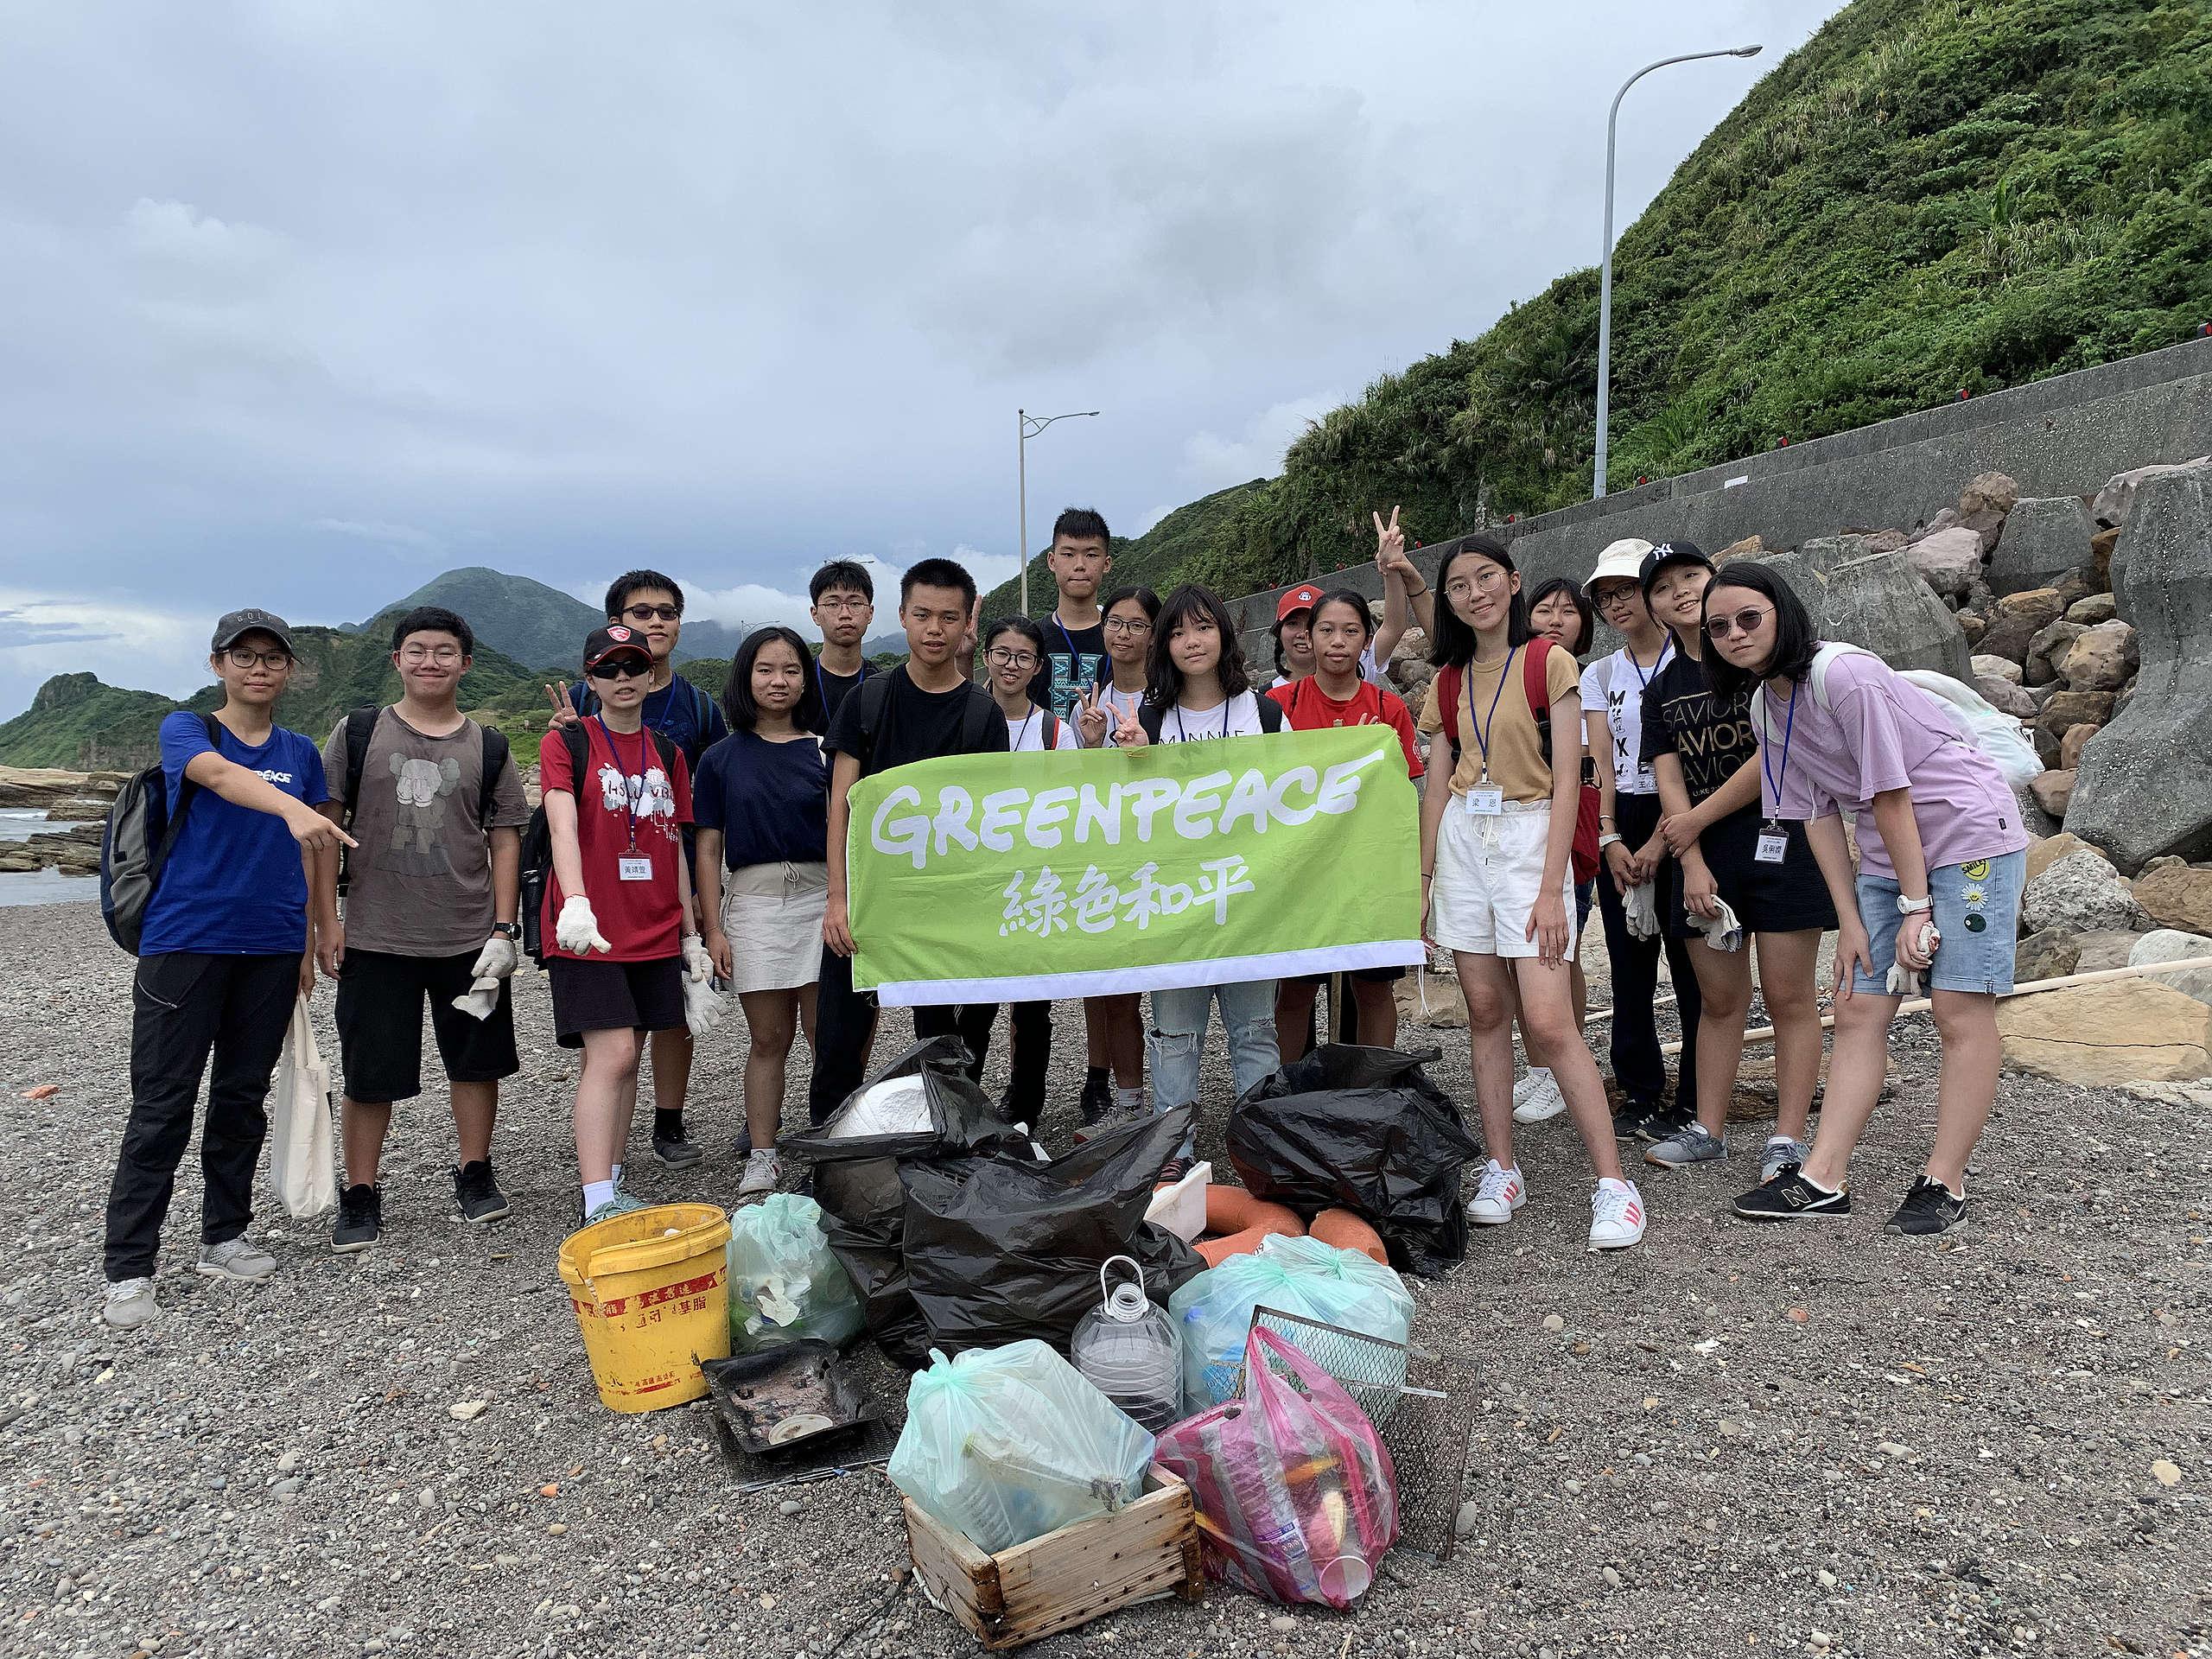 透過海廢快篩的活動,讓同學們體認到我們的海洋正被大量垃圾污染,進而思考如何從源頭解決問題。